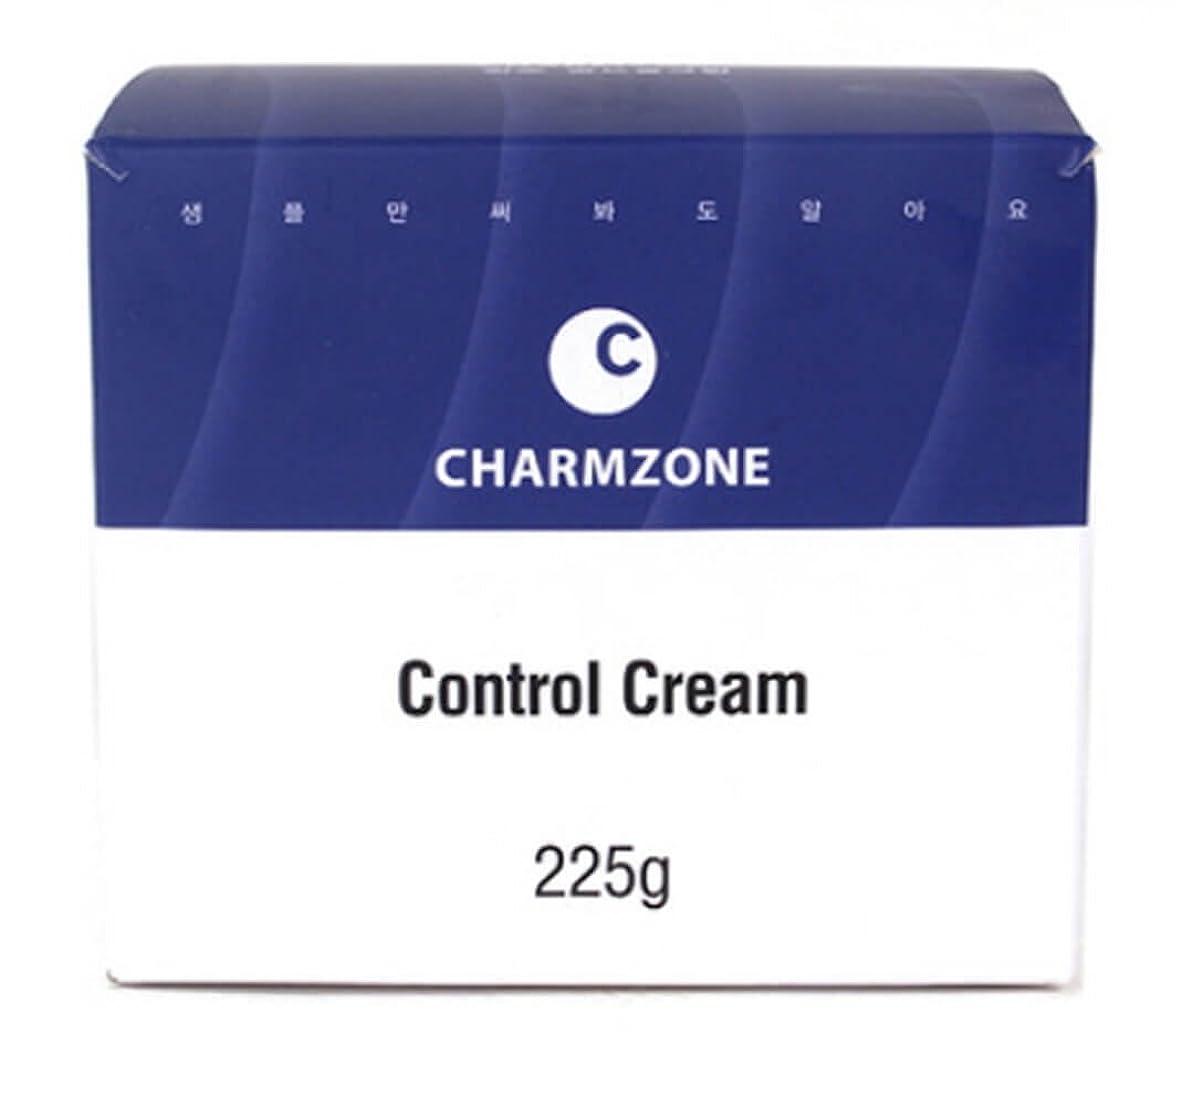 フォーク地理アブセイ[チャムジョン] CharmZone コントロールクリーム マッサージ 栄養クリーム225g 海外直送品 (Control Cream Massage Nutrition Cream 225g)